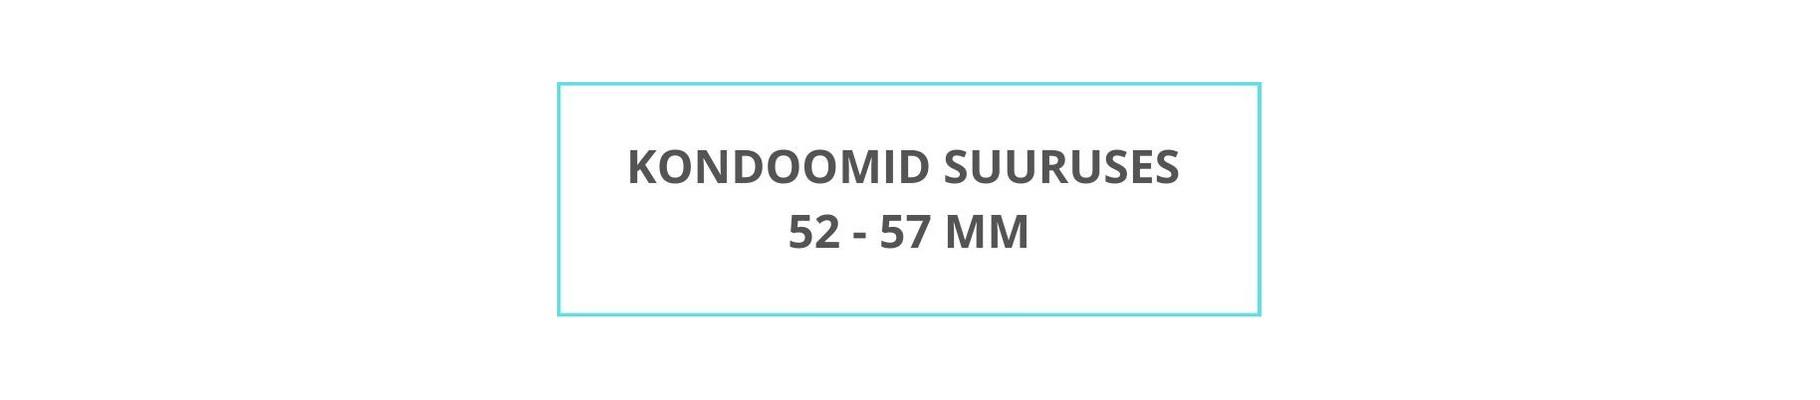 Kondoomid suuruses 52-57 mm